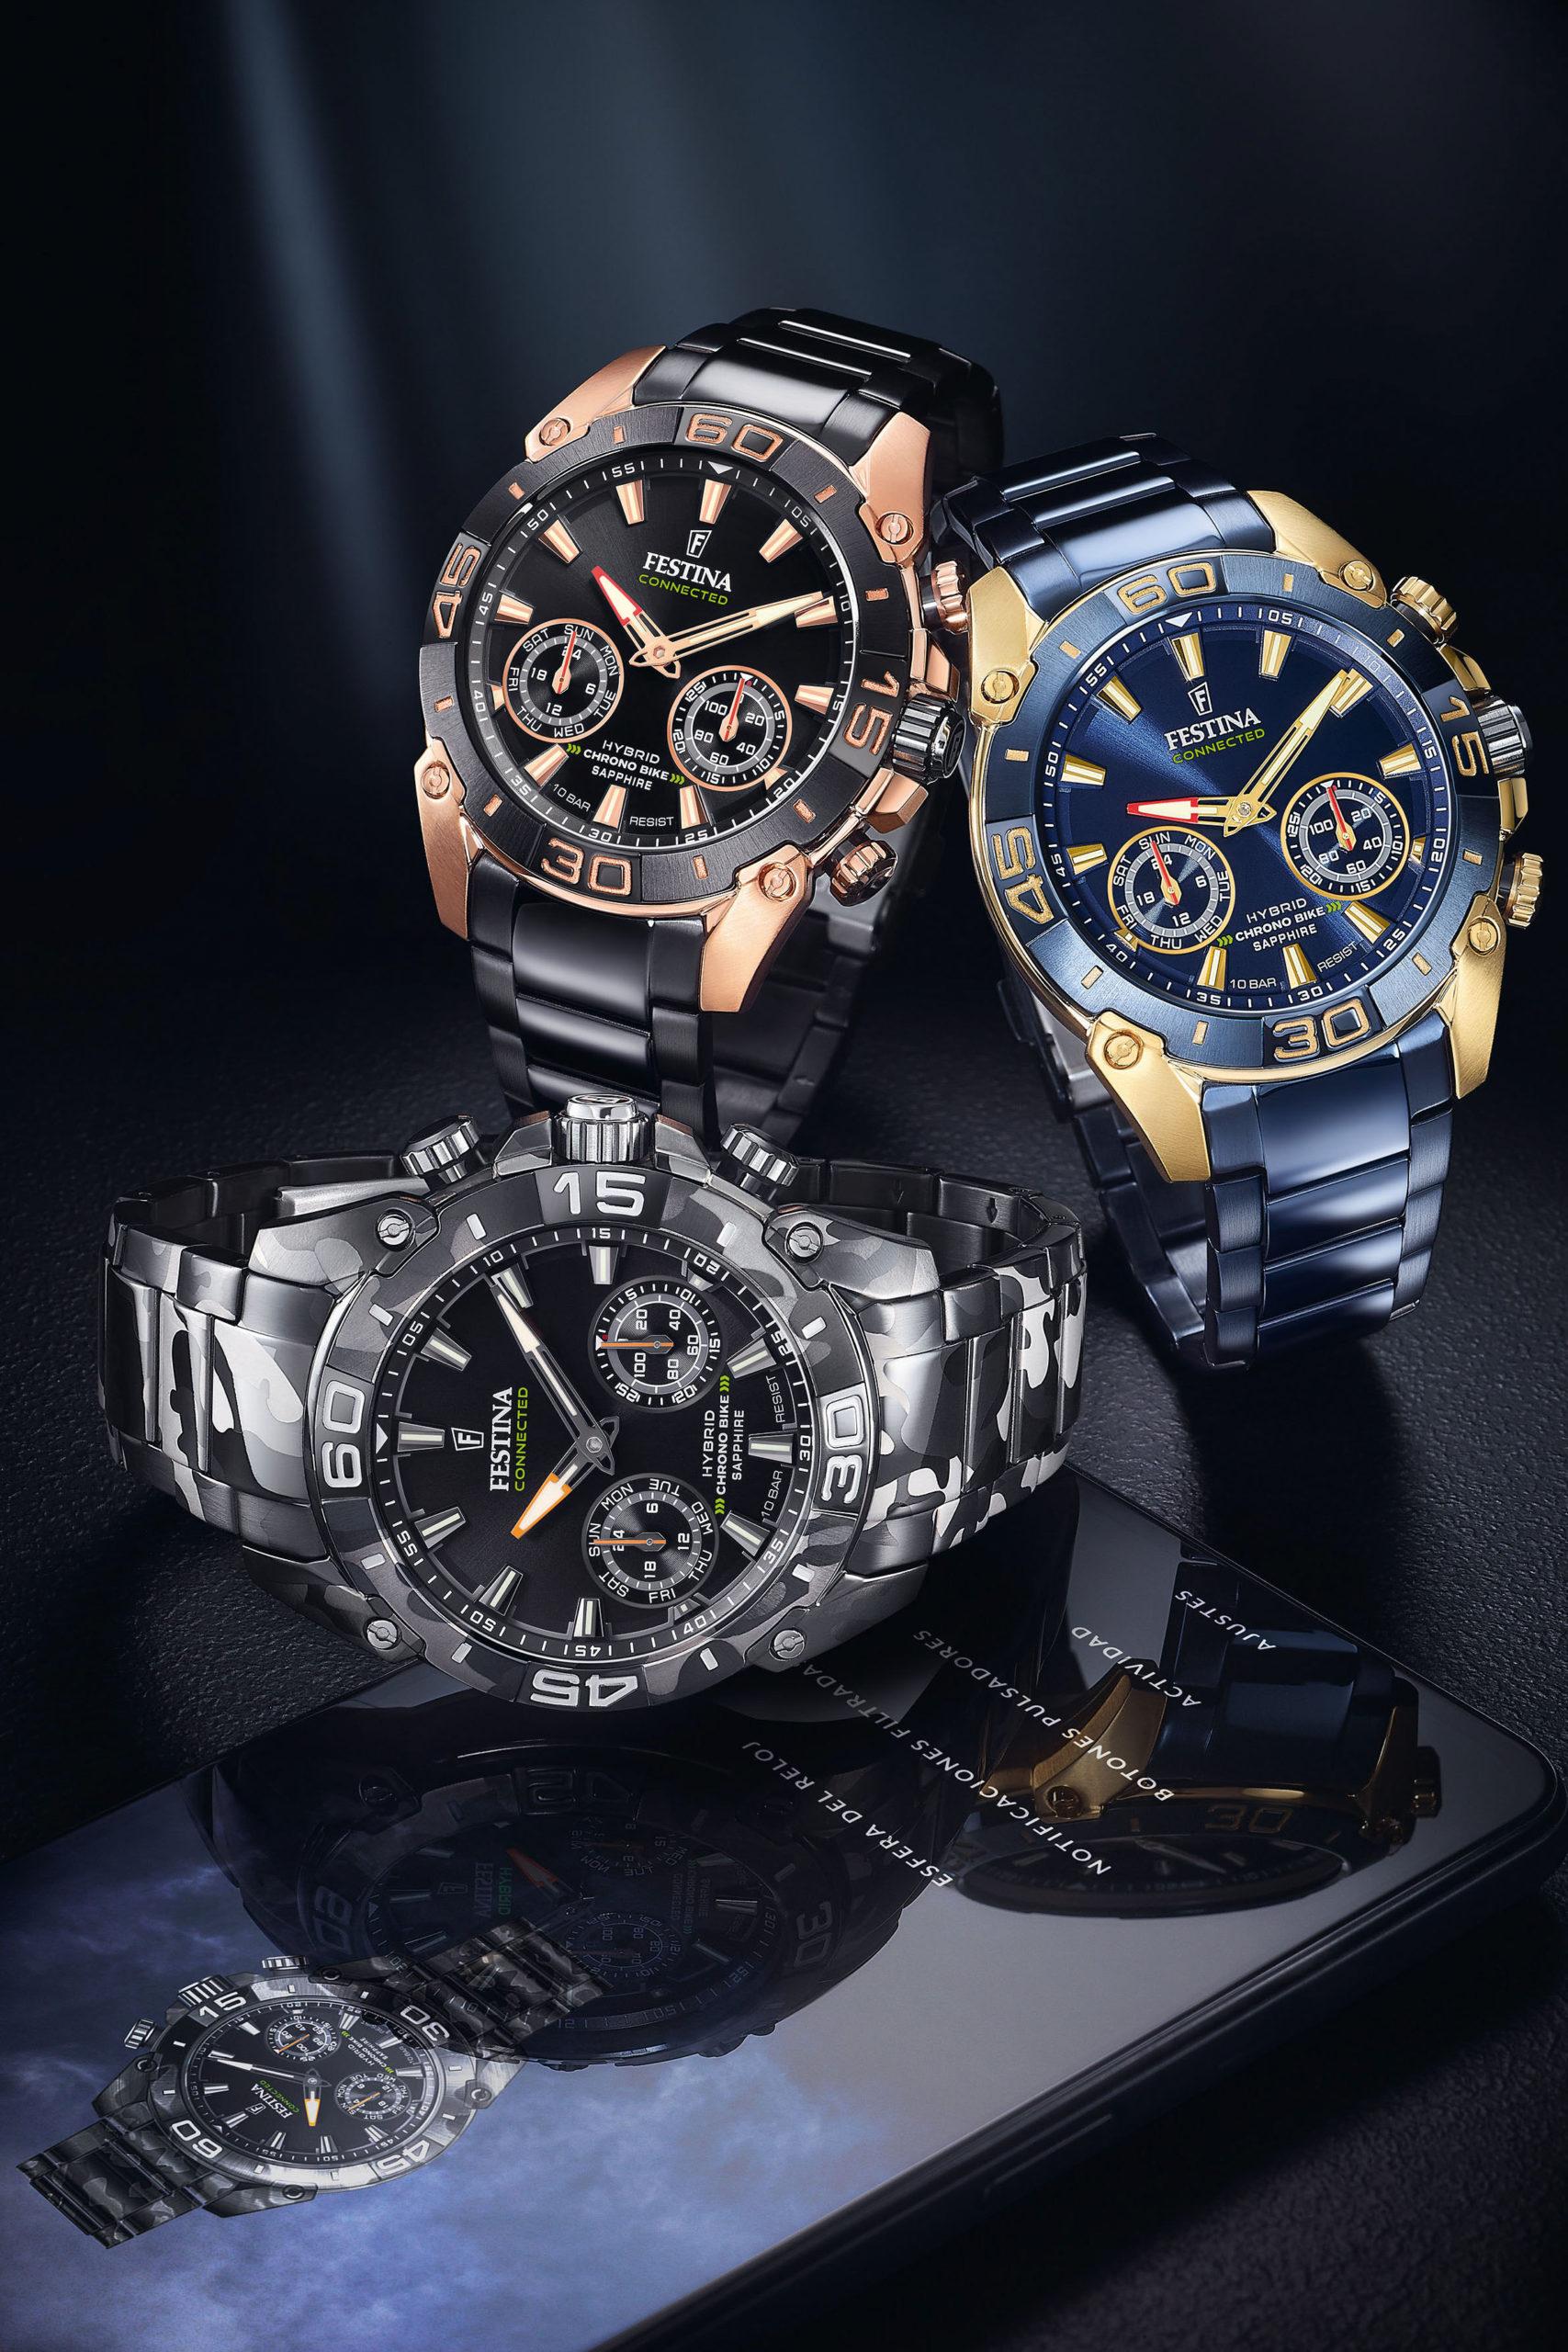 Hybridwatch